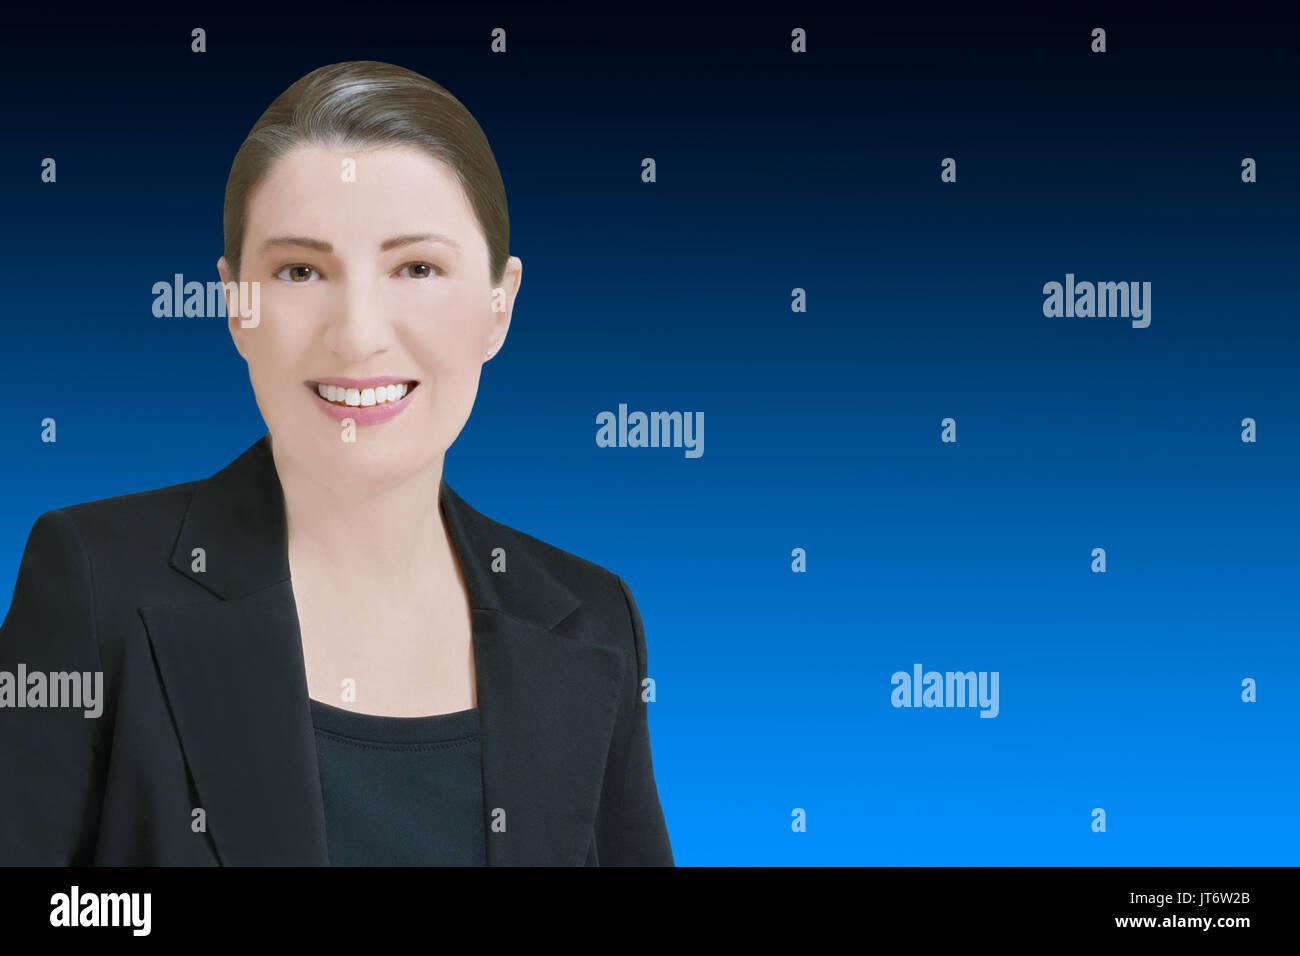 Femmina robo-advisor o chat bot concetto modello, friendly sorridente computer generato donna di fronte a uno sfondo Foto Stock